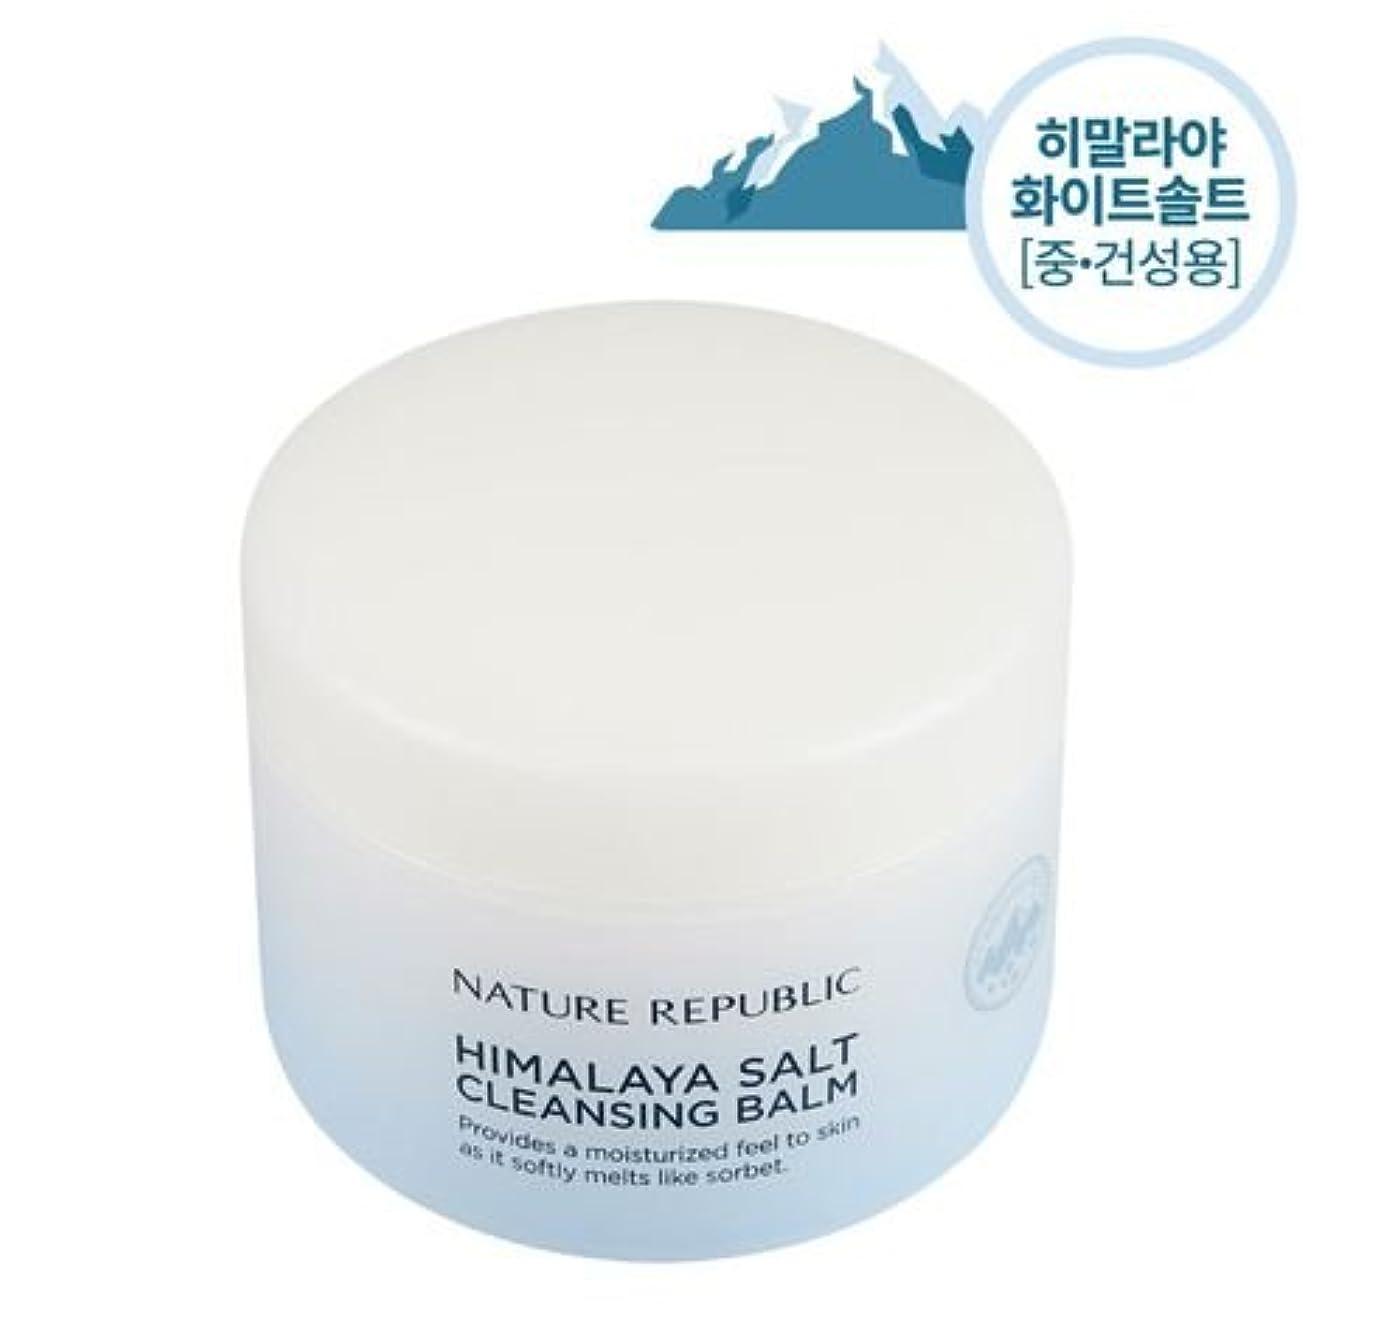 受取人悲観主義者クモNATURE REPUBLIC Himalaya salt cleansing balm (white salt)ヒマラヤソルトクレンジングバーム(white salt) [並行輸入品]